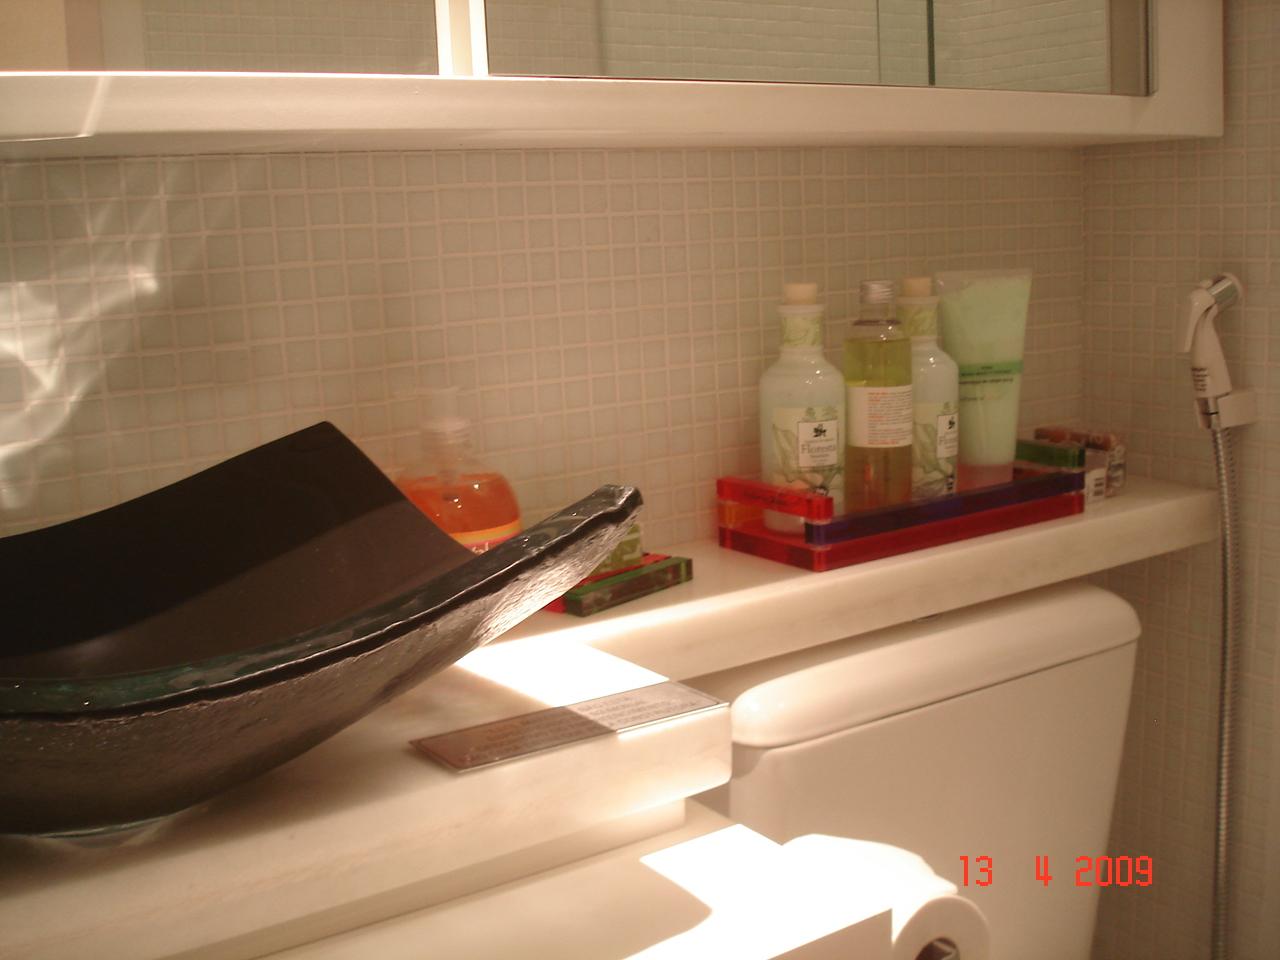 utilizei em um projeto em dois baheiros pequenos em apartamento #B1681A 1280 960